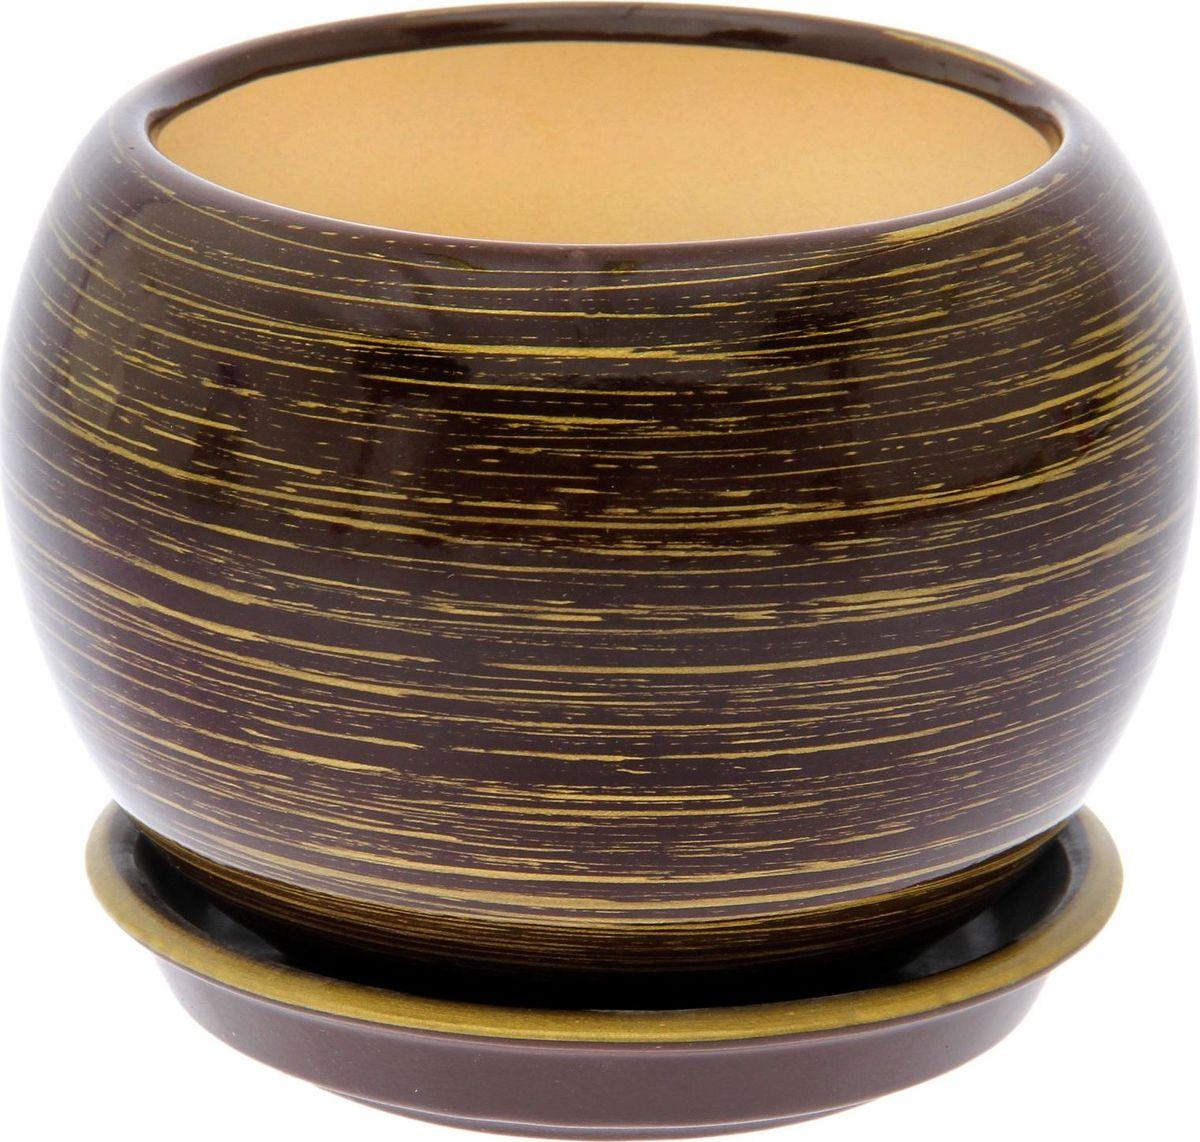 Кашпо Керамика ручной работы Шар, цвет: шоколадный, золотой, 4,1 л1489749Комнатные растения — всеобщие любимцы. Они радуют глаз, насыщают помещение кислородом и украшают пространство. Каждому из них необходим свой удобный и красивый дом. Кашпо из керамики прекрасно подходят для высадки растений: за счёт пластичности глины и разных способов обработки существует великое множество форм и дизайновпористый материал позволяет испаряться лишней влагевоздух, необходимый для дыхания корней, проникает сквозь керамические стенки! #name# позаботится о зелёном питомце, освежит интерьер и подчеркнёт его стиль.